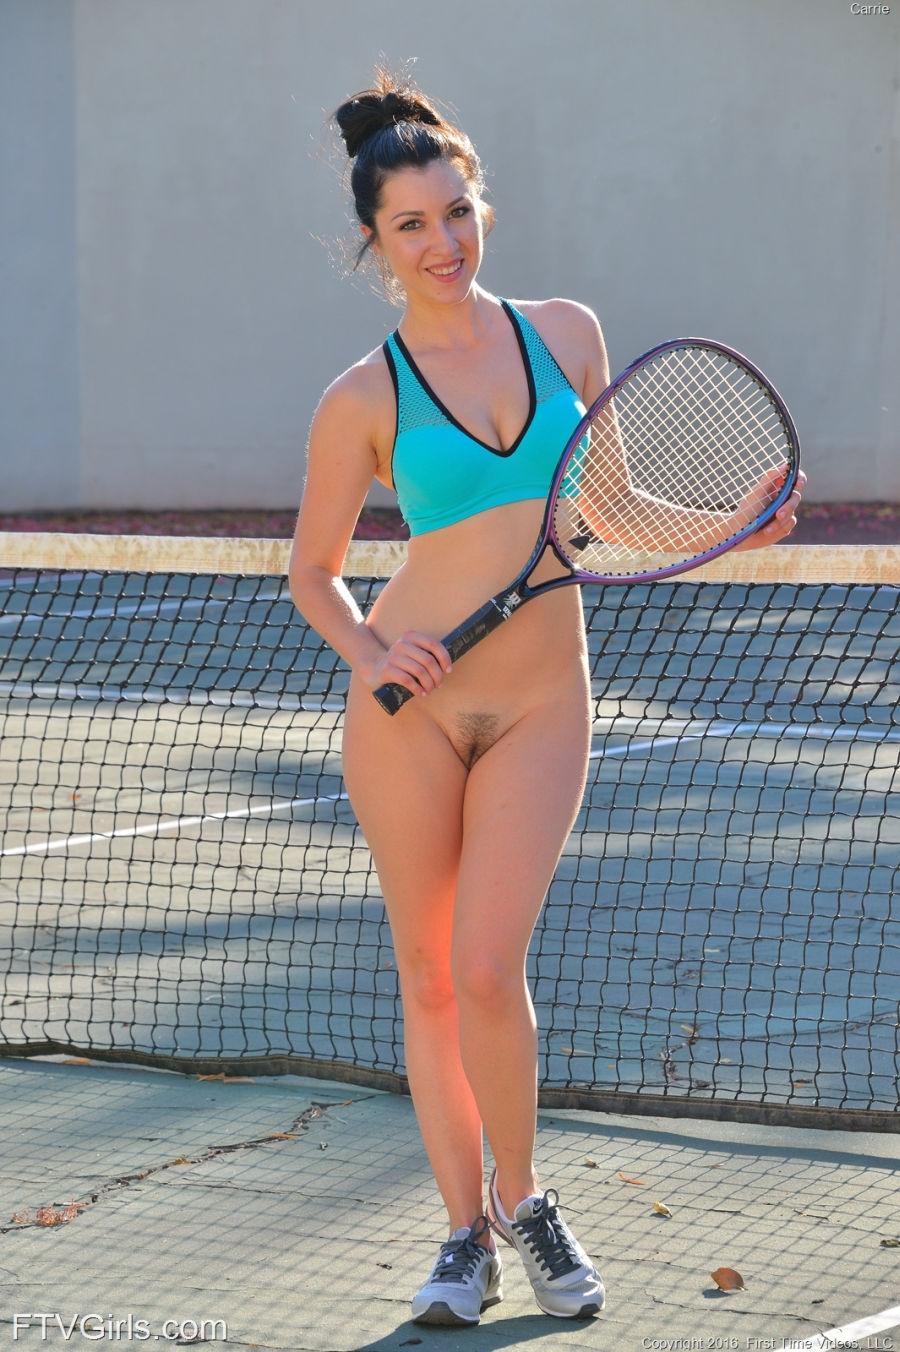 Carrie Doet Aan Naakt Tennis, Haar Mannelijke -8588